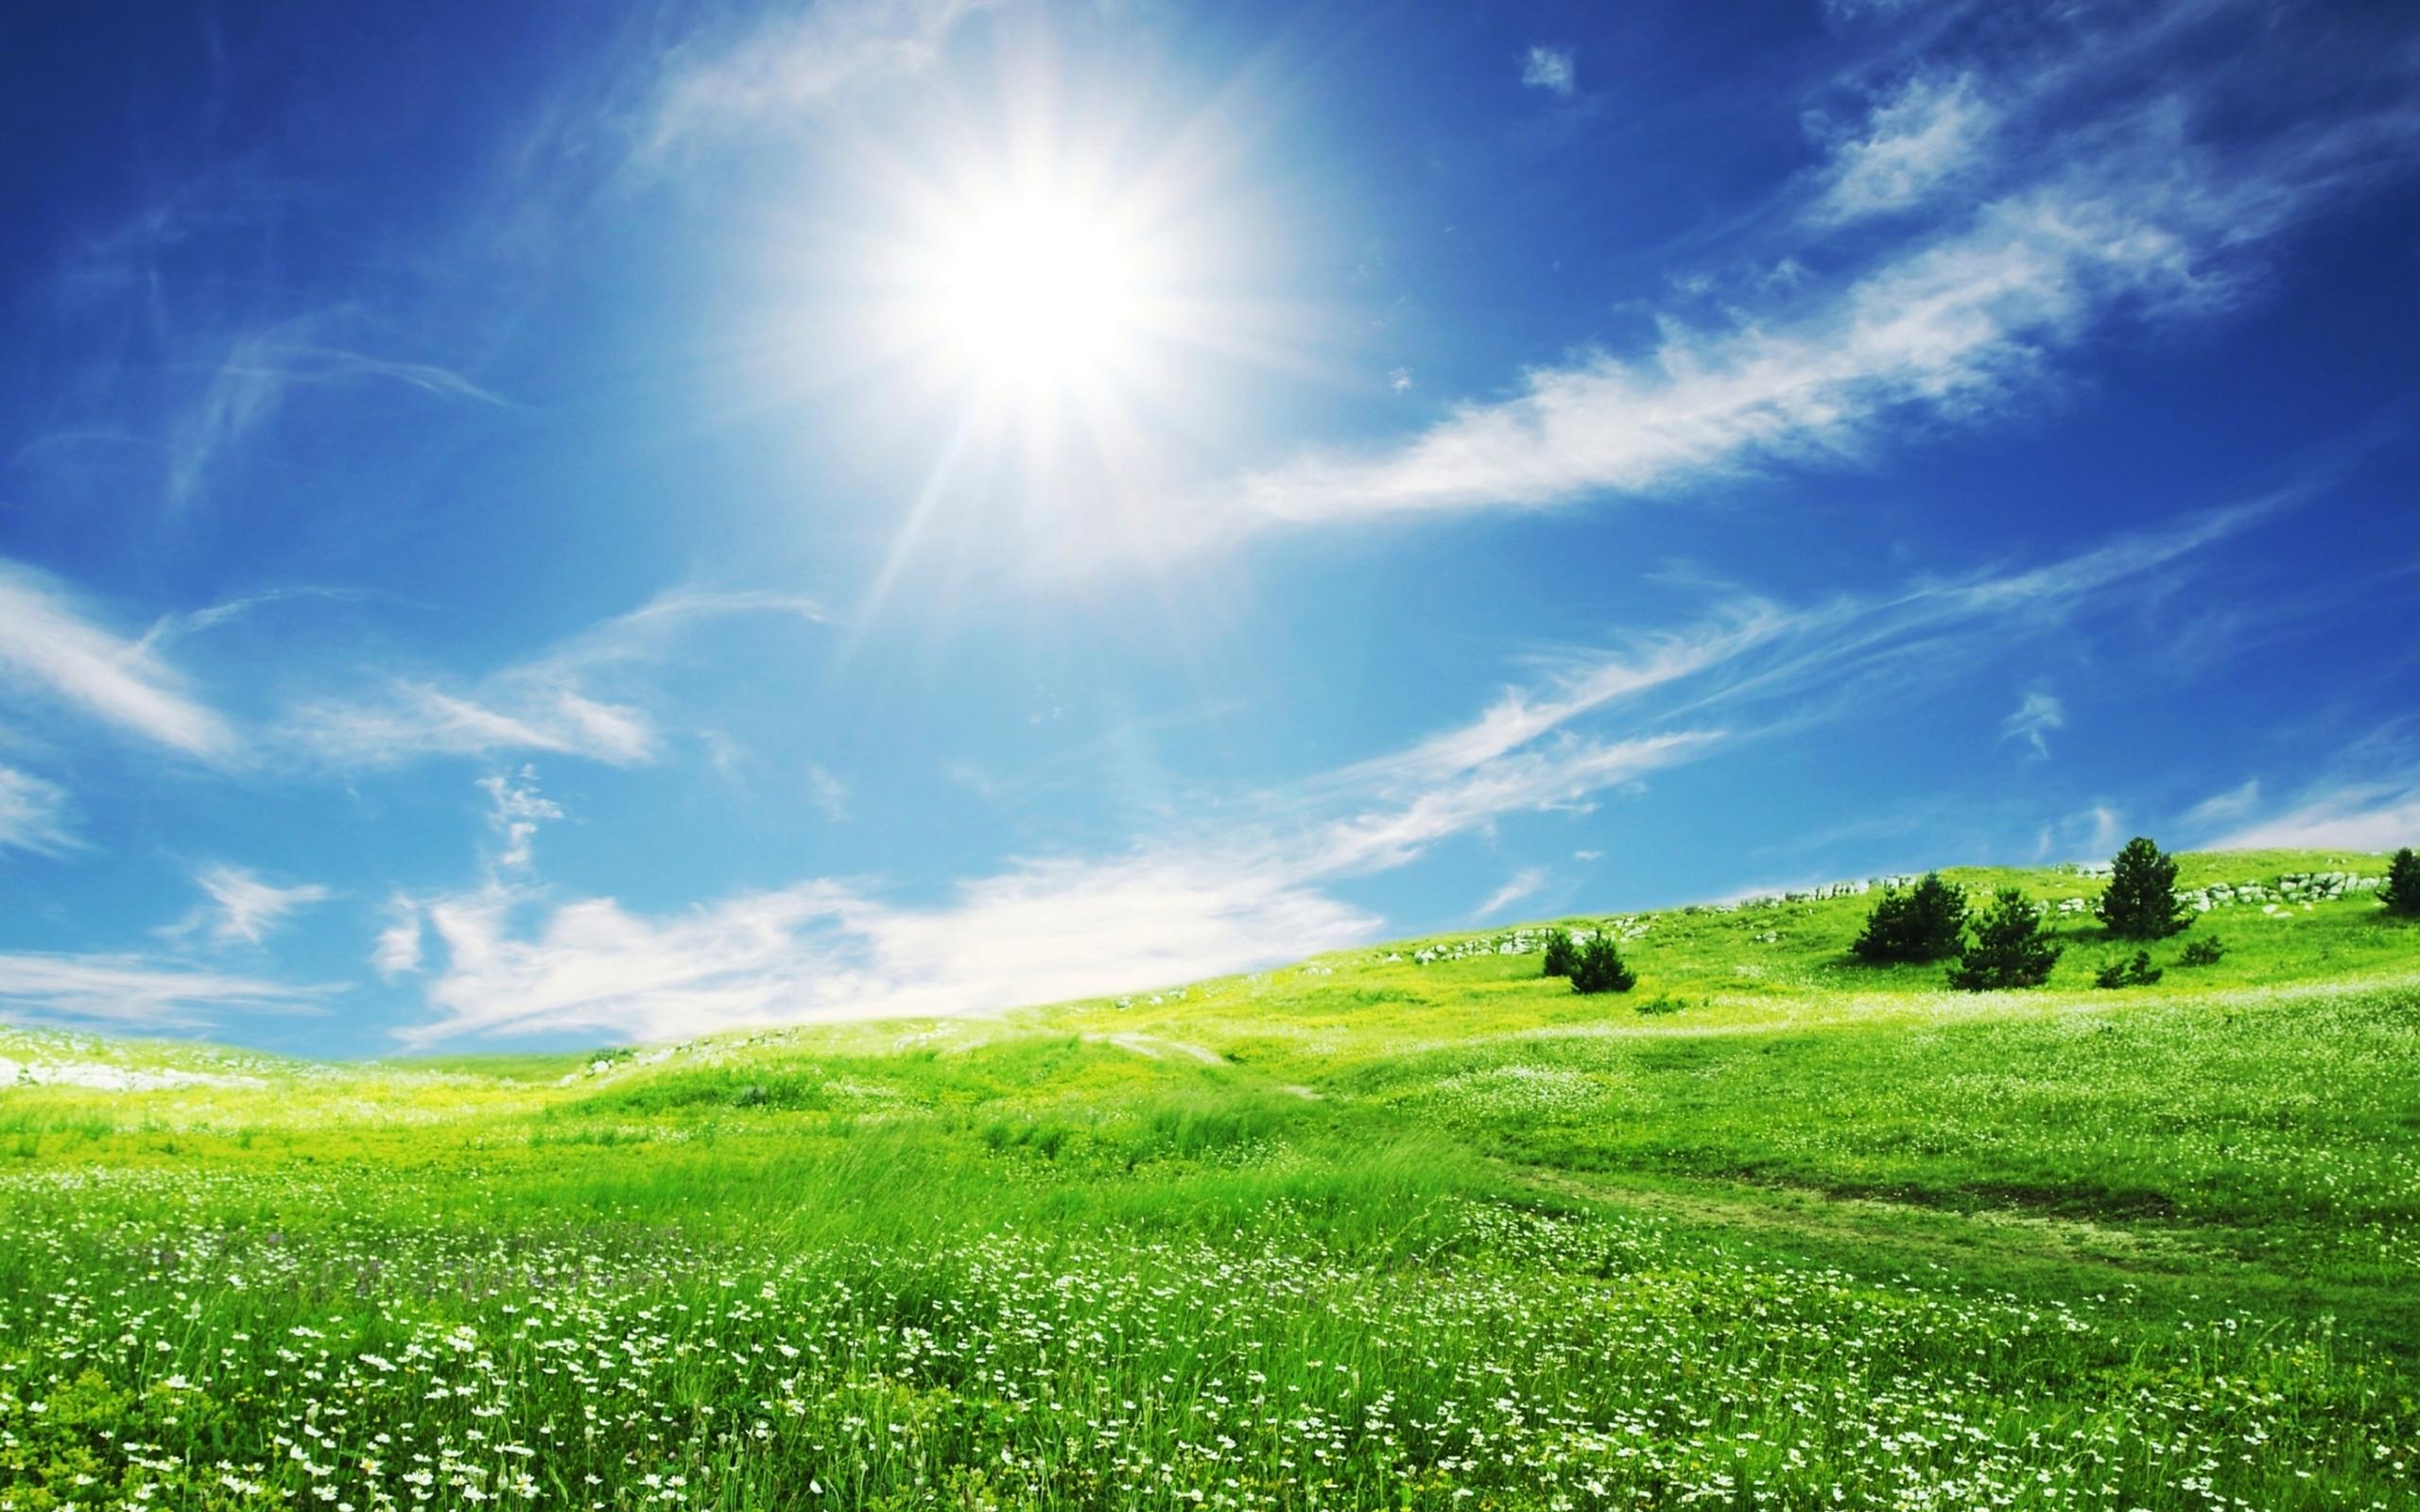 Картинка: Пейзаж, поле, трава, небо, солнце, облака